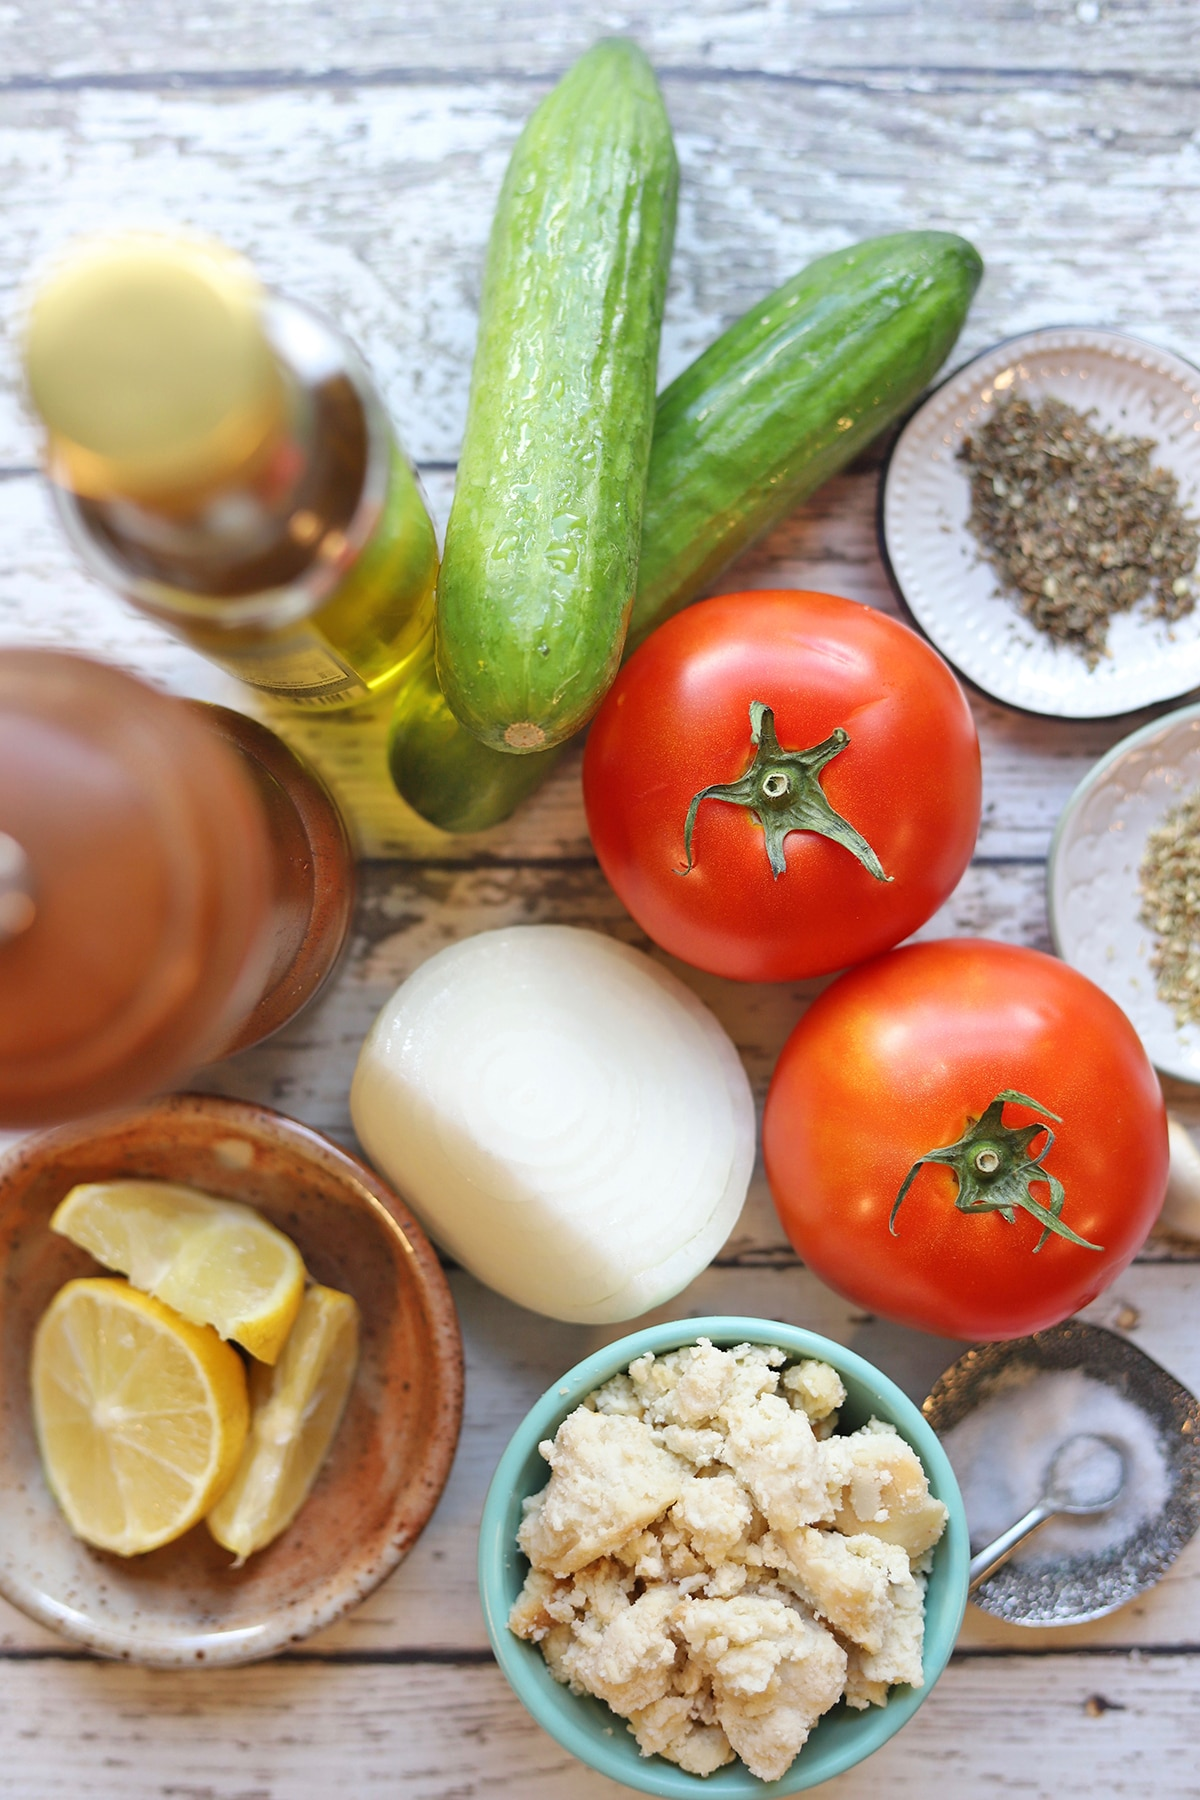 Overhead salad ingredients on table.